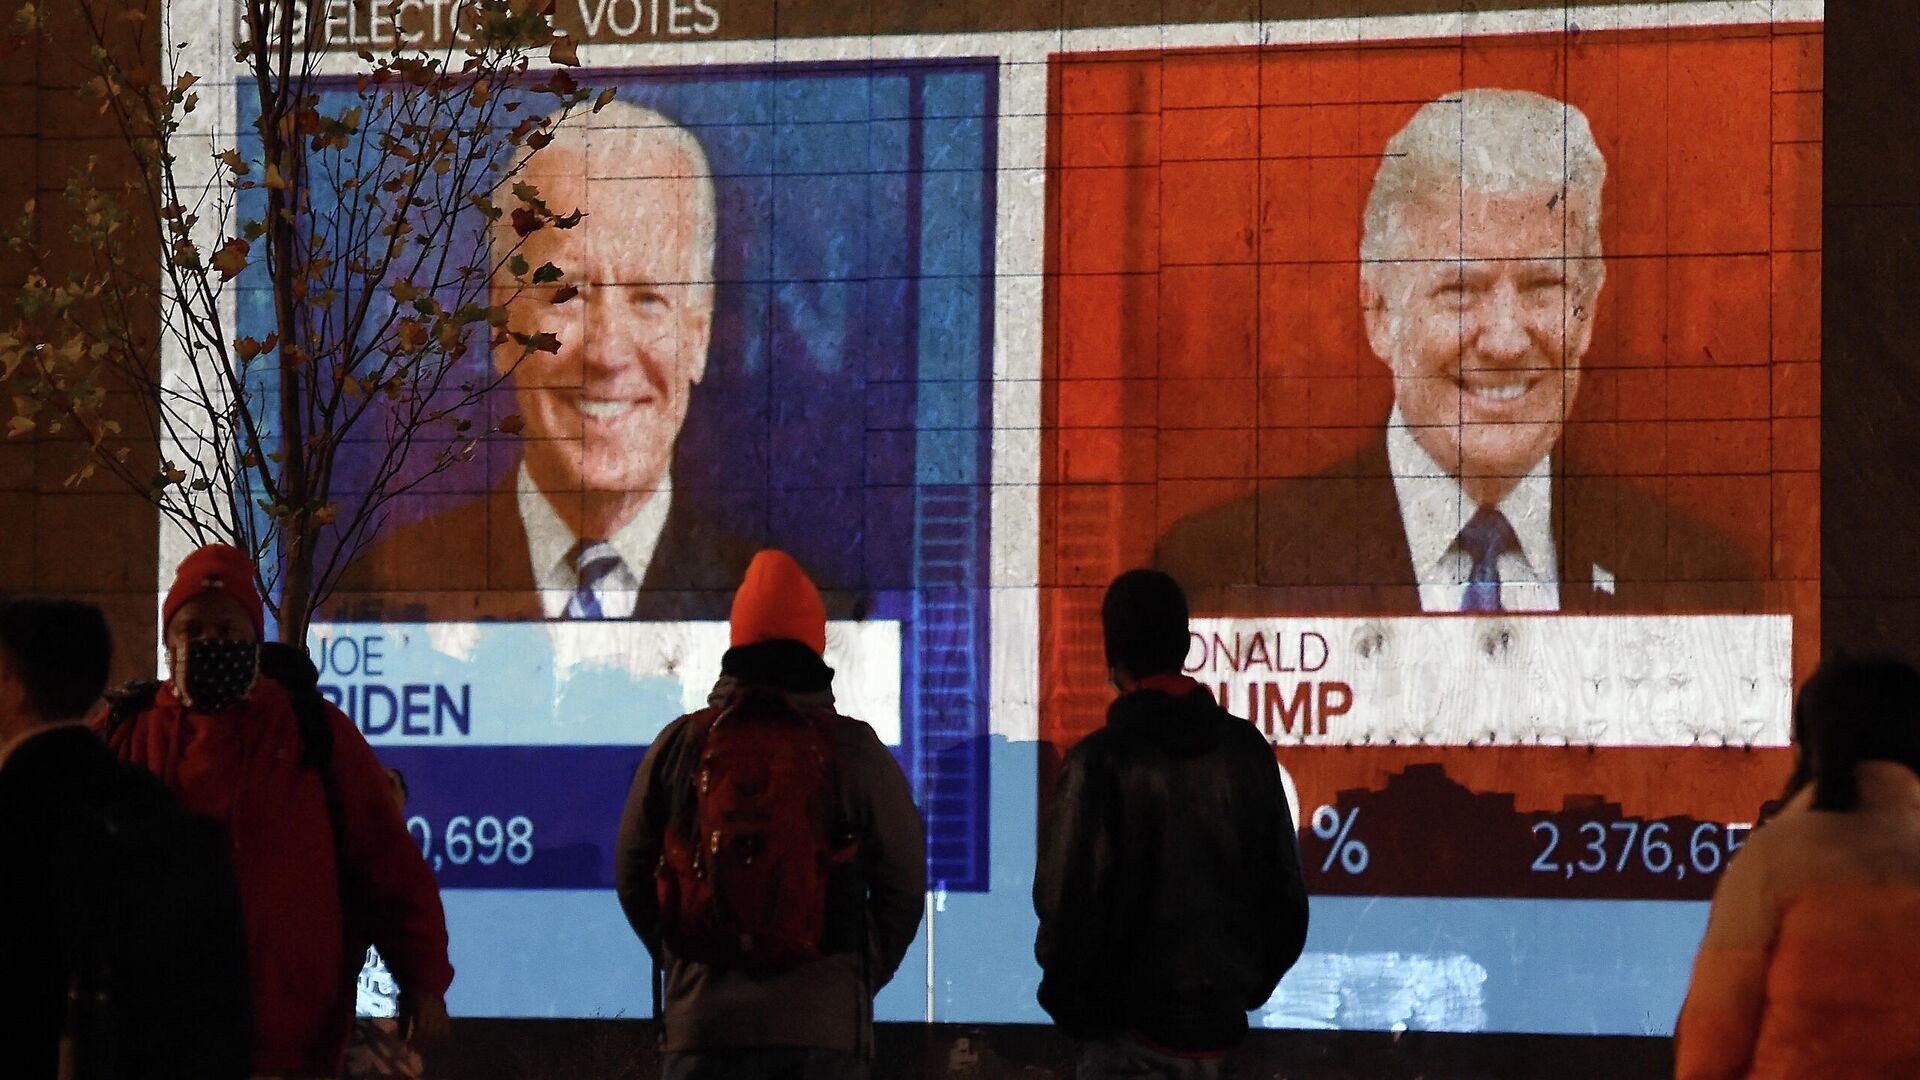 Экран с предварительным подсчетом голосов на президентских выборах в Вашингтоне, США - РИА Новости, 1920, 08.10.2021